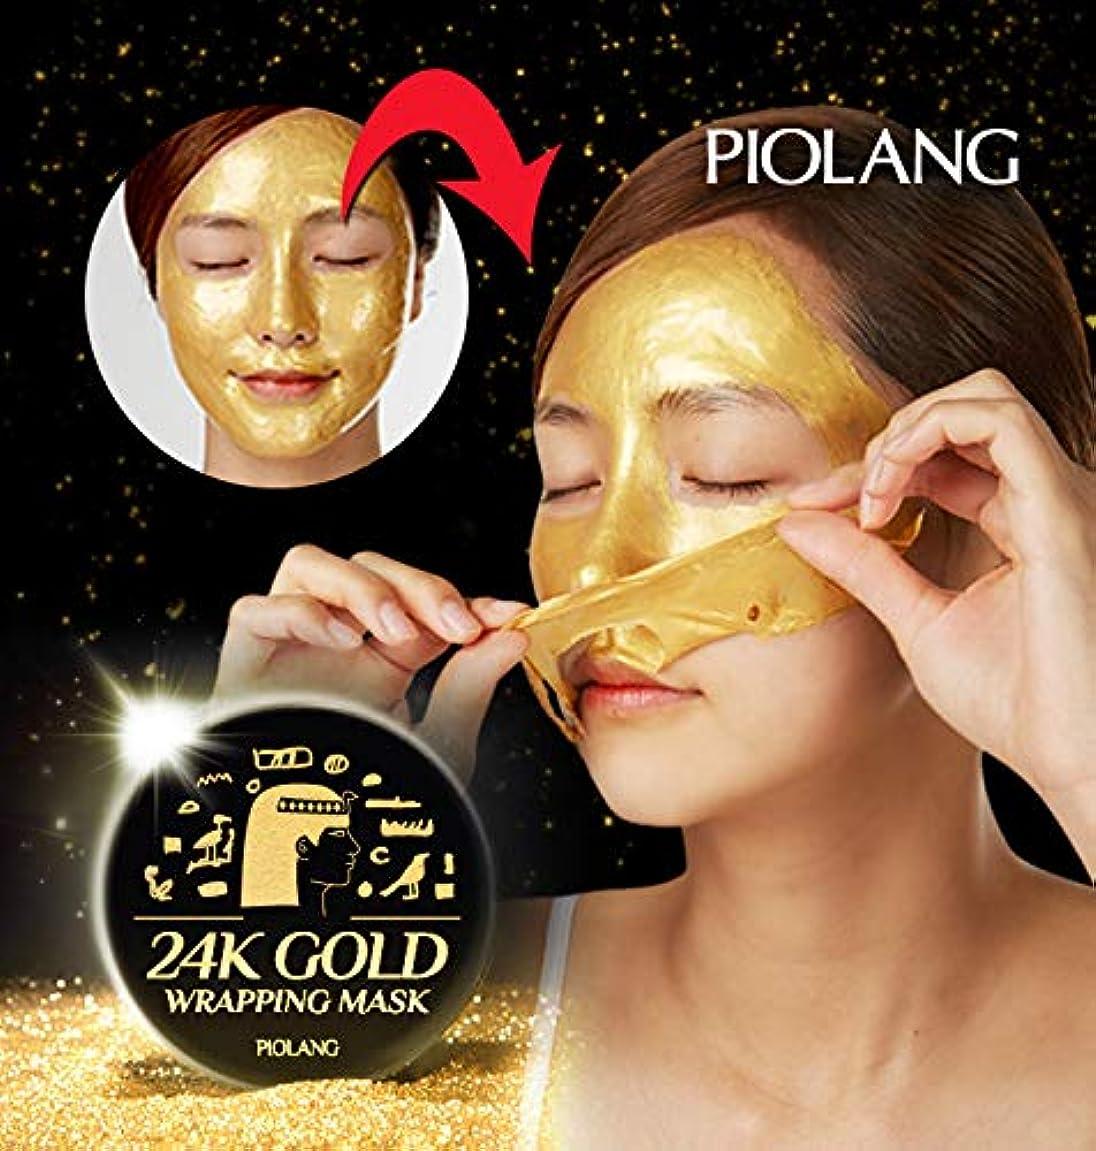 人質オーラル悲観主義者Esthetic House[エステティックハウス] ピオラン(Piolang) 24Kゴールドラッピングマスク80ml (しわケアパックをはがす) / 24K Gold Wrapping Mask